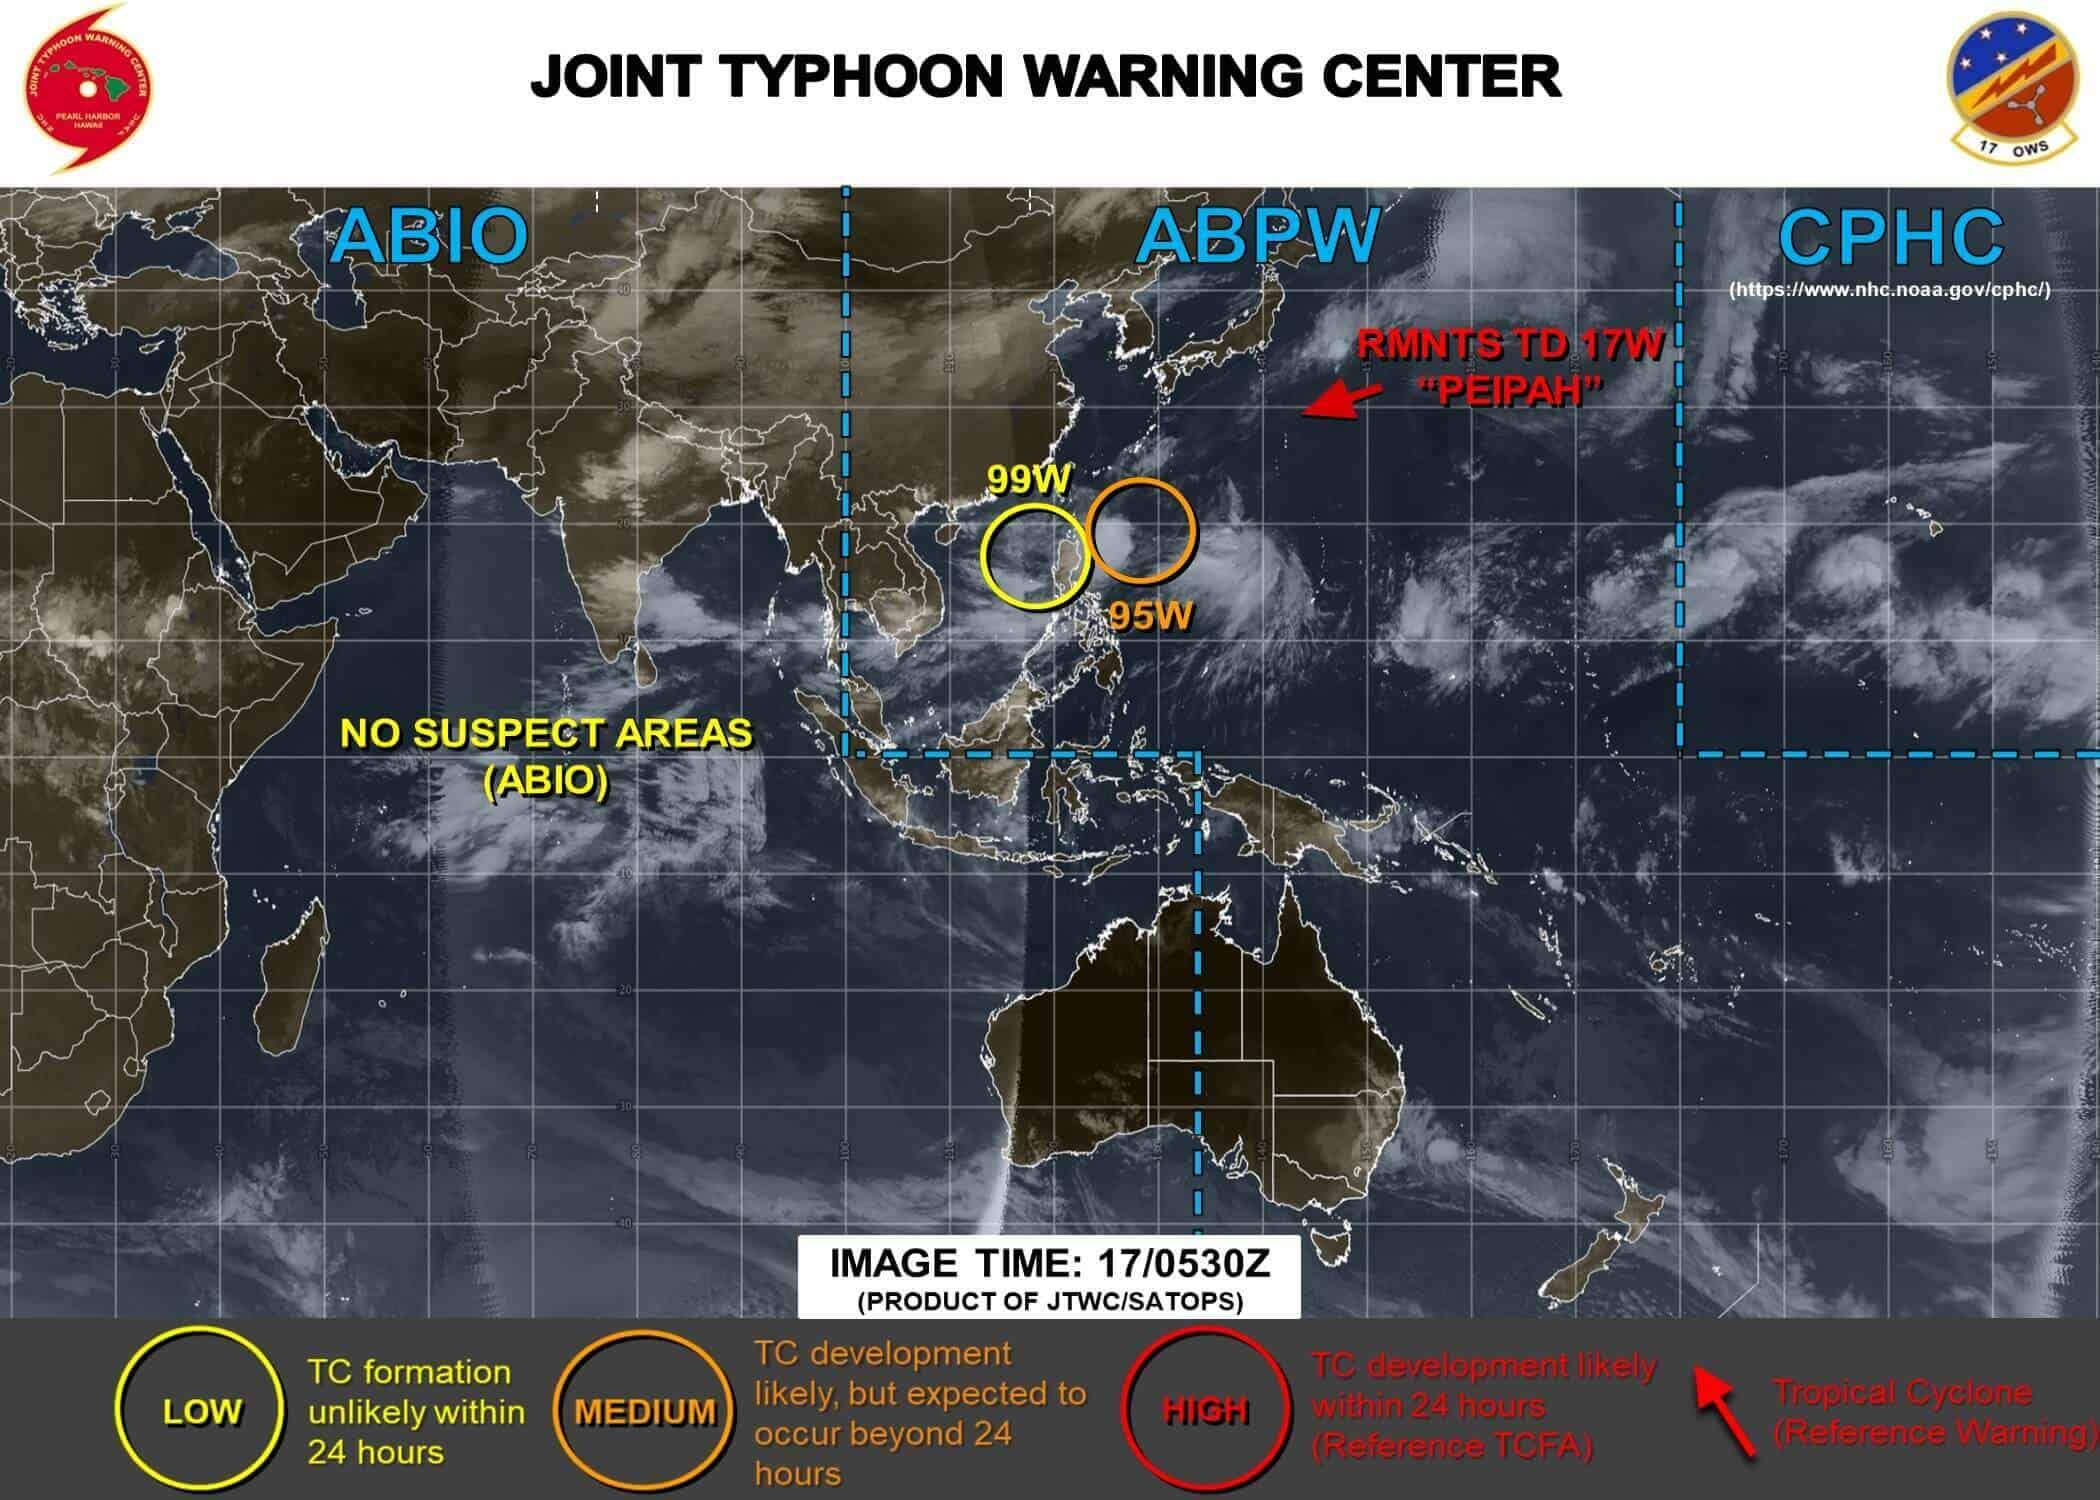 低 進路 熱帯 気圧 温帯低気圧と熱帯低気圧の違いは?台風が温帯低気圧に変わる理由は?